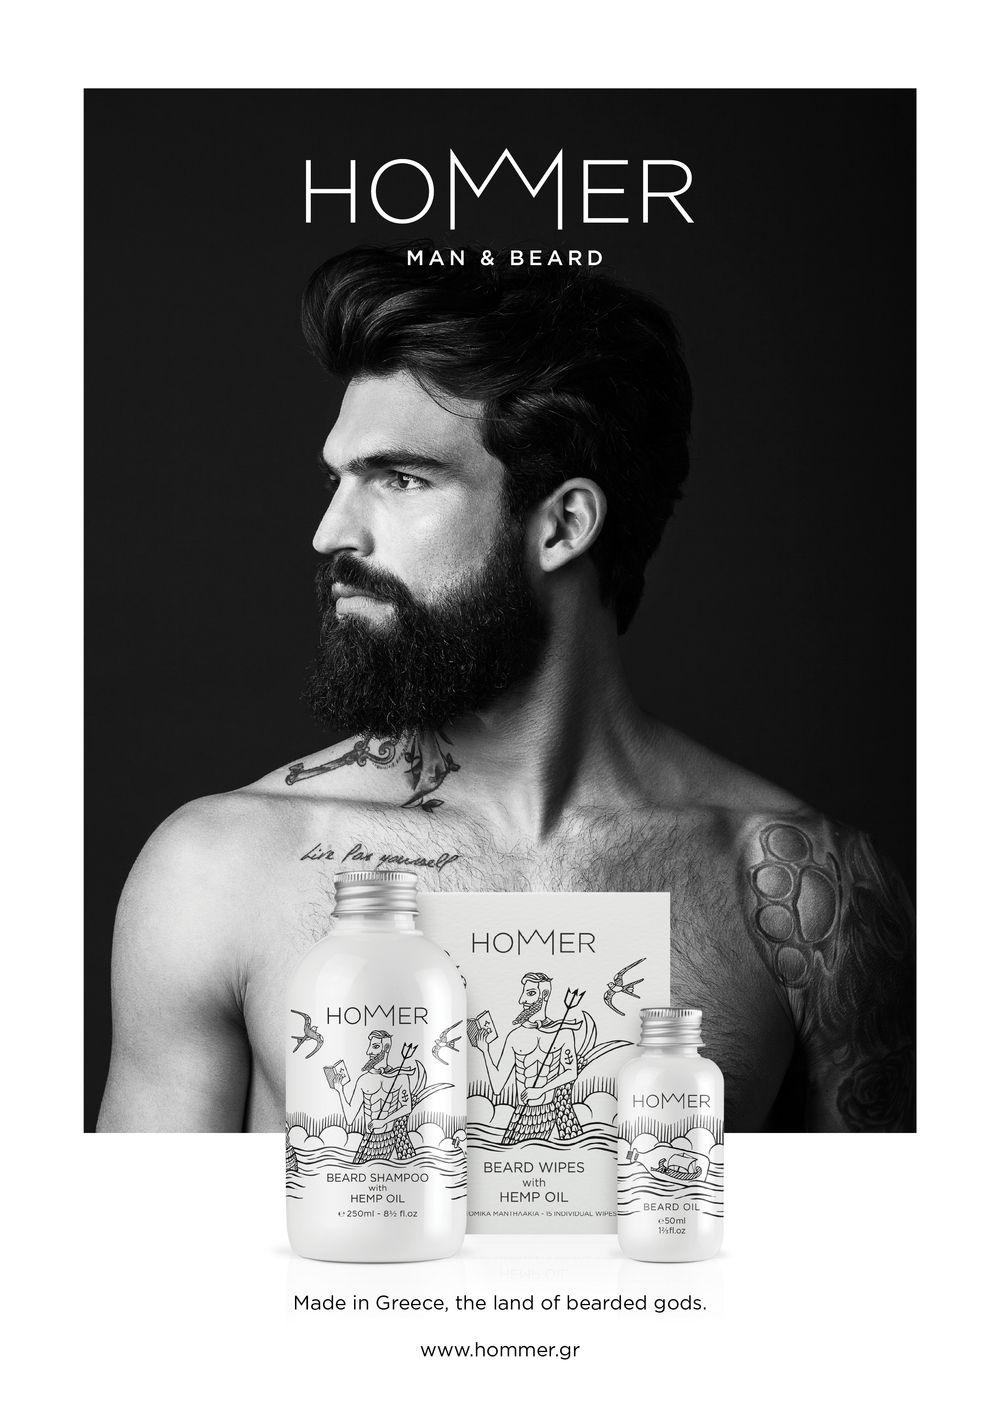 Hommer Man & Beard